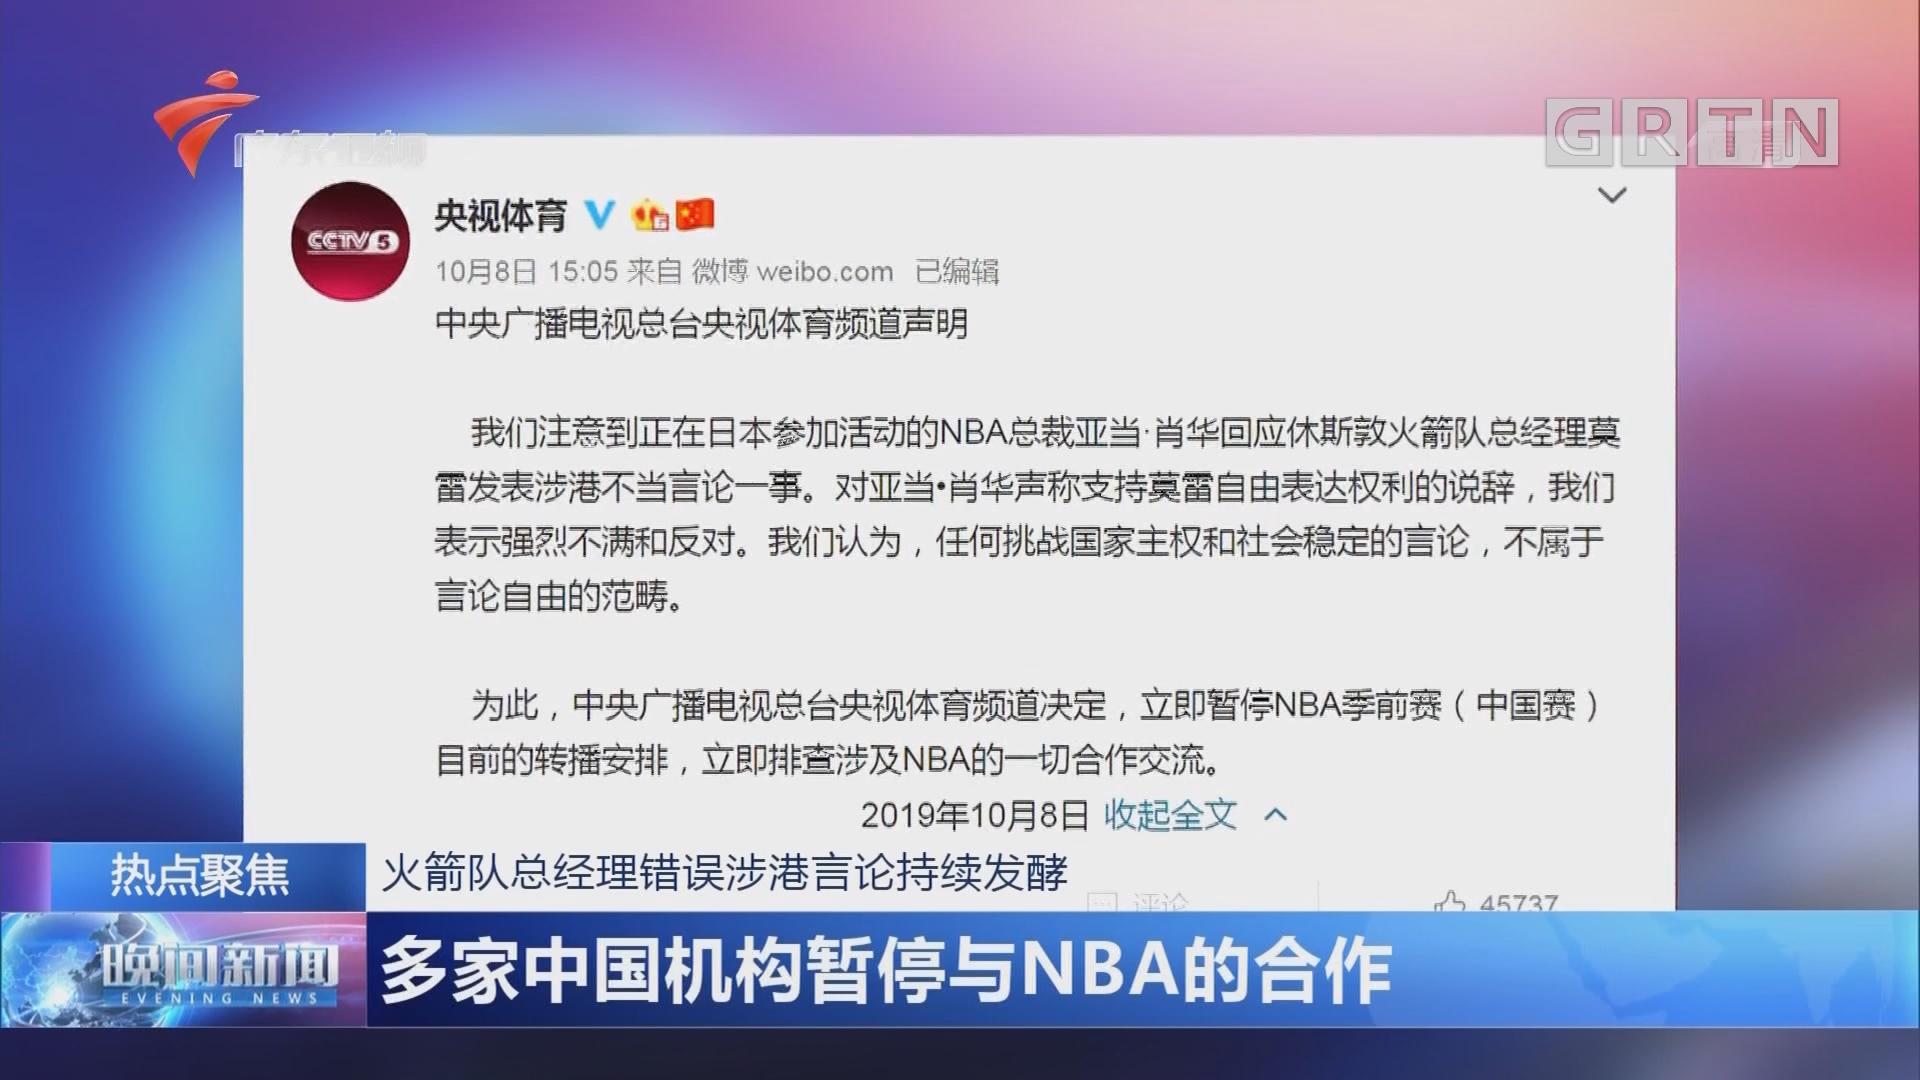 火箭队总经理错误涉港言论持续发酵 多家中国机构暂停与NBA的合作